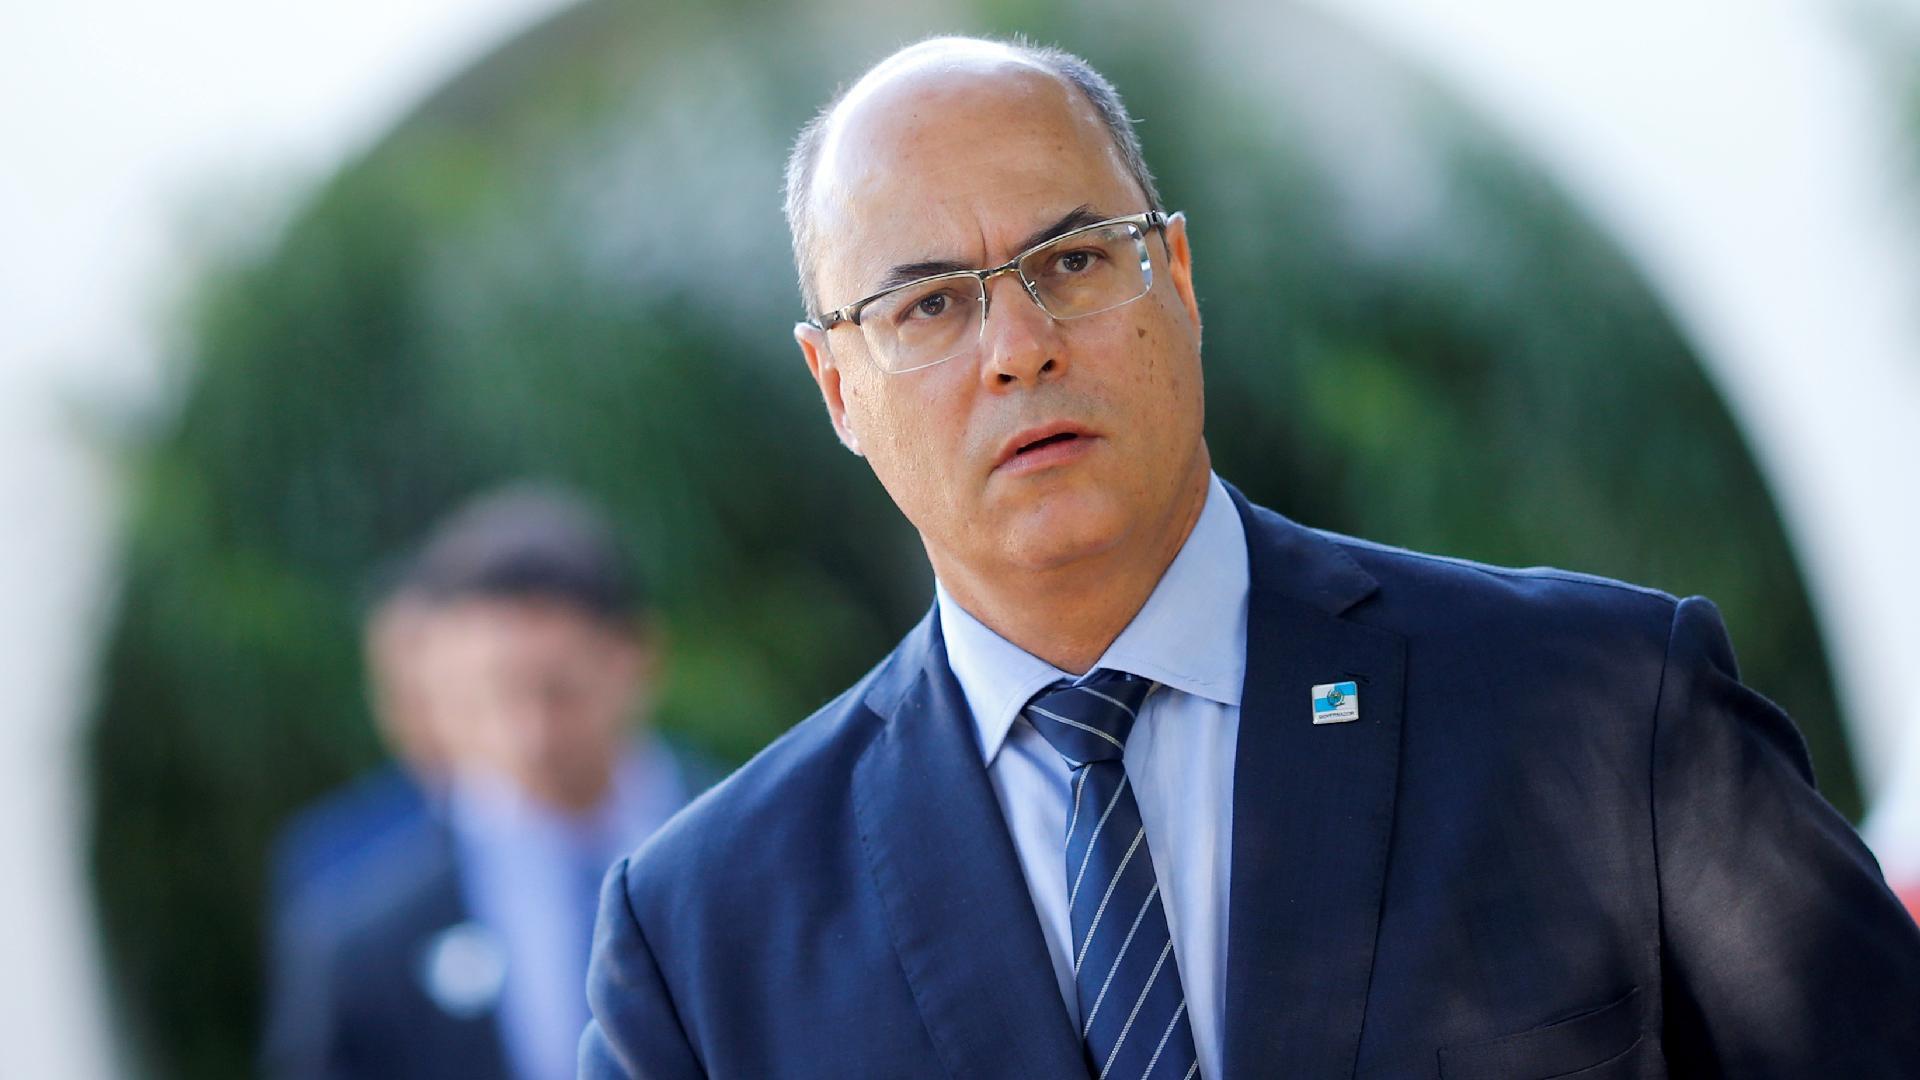 Afastamento de Witzel: do PSOL a bolsonaristas, deputados da Alerj comentam  decisão